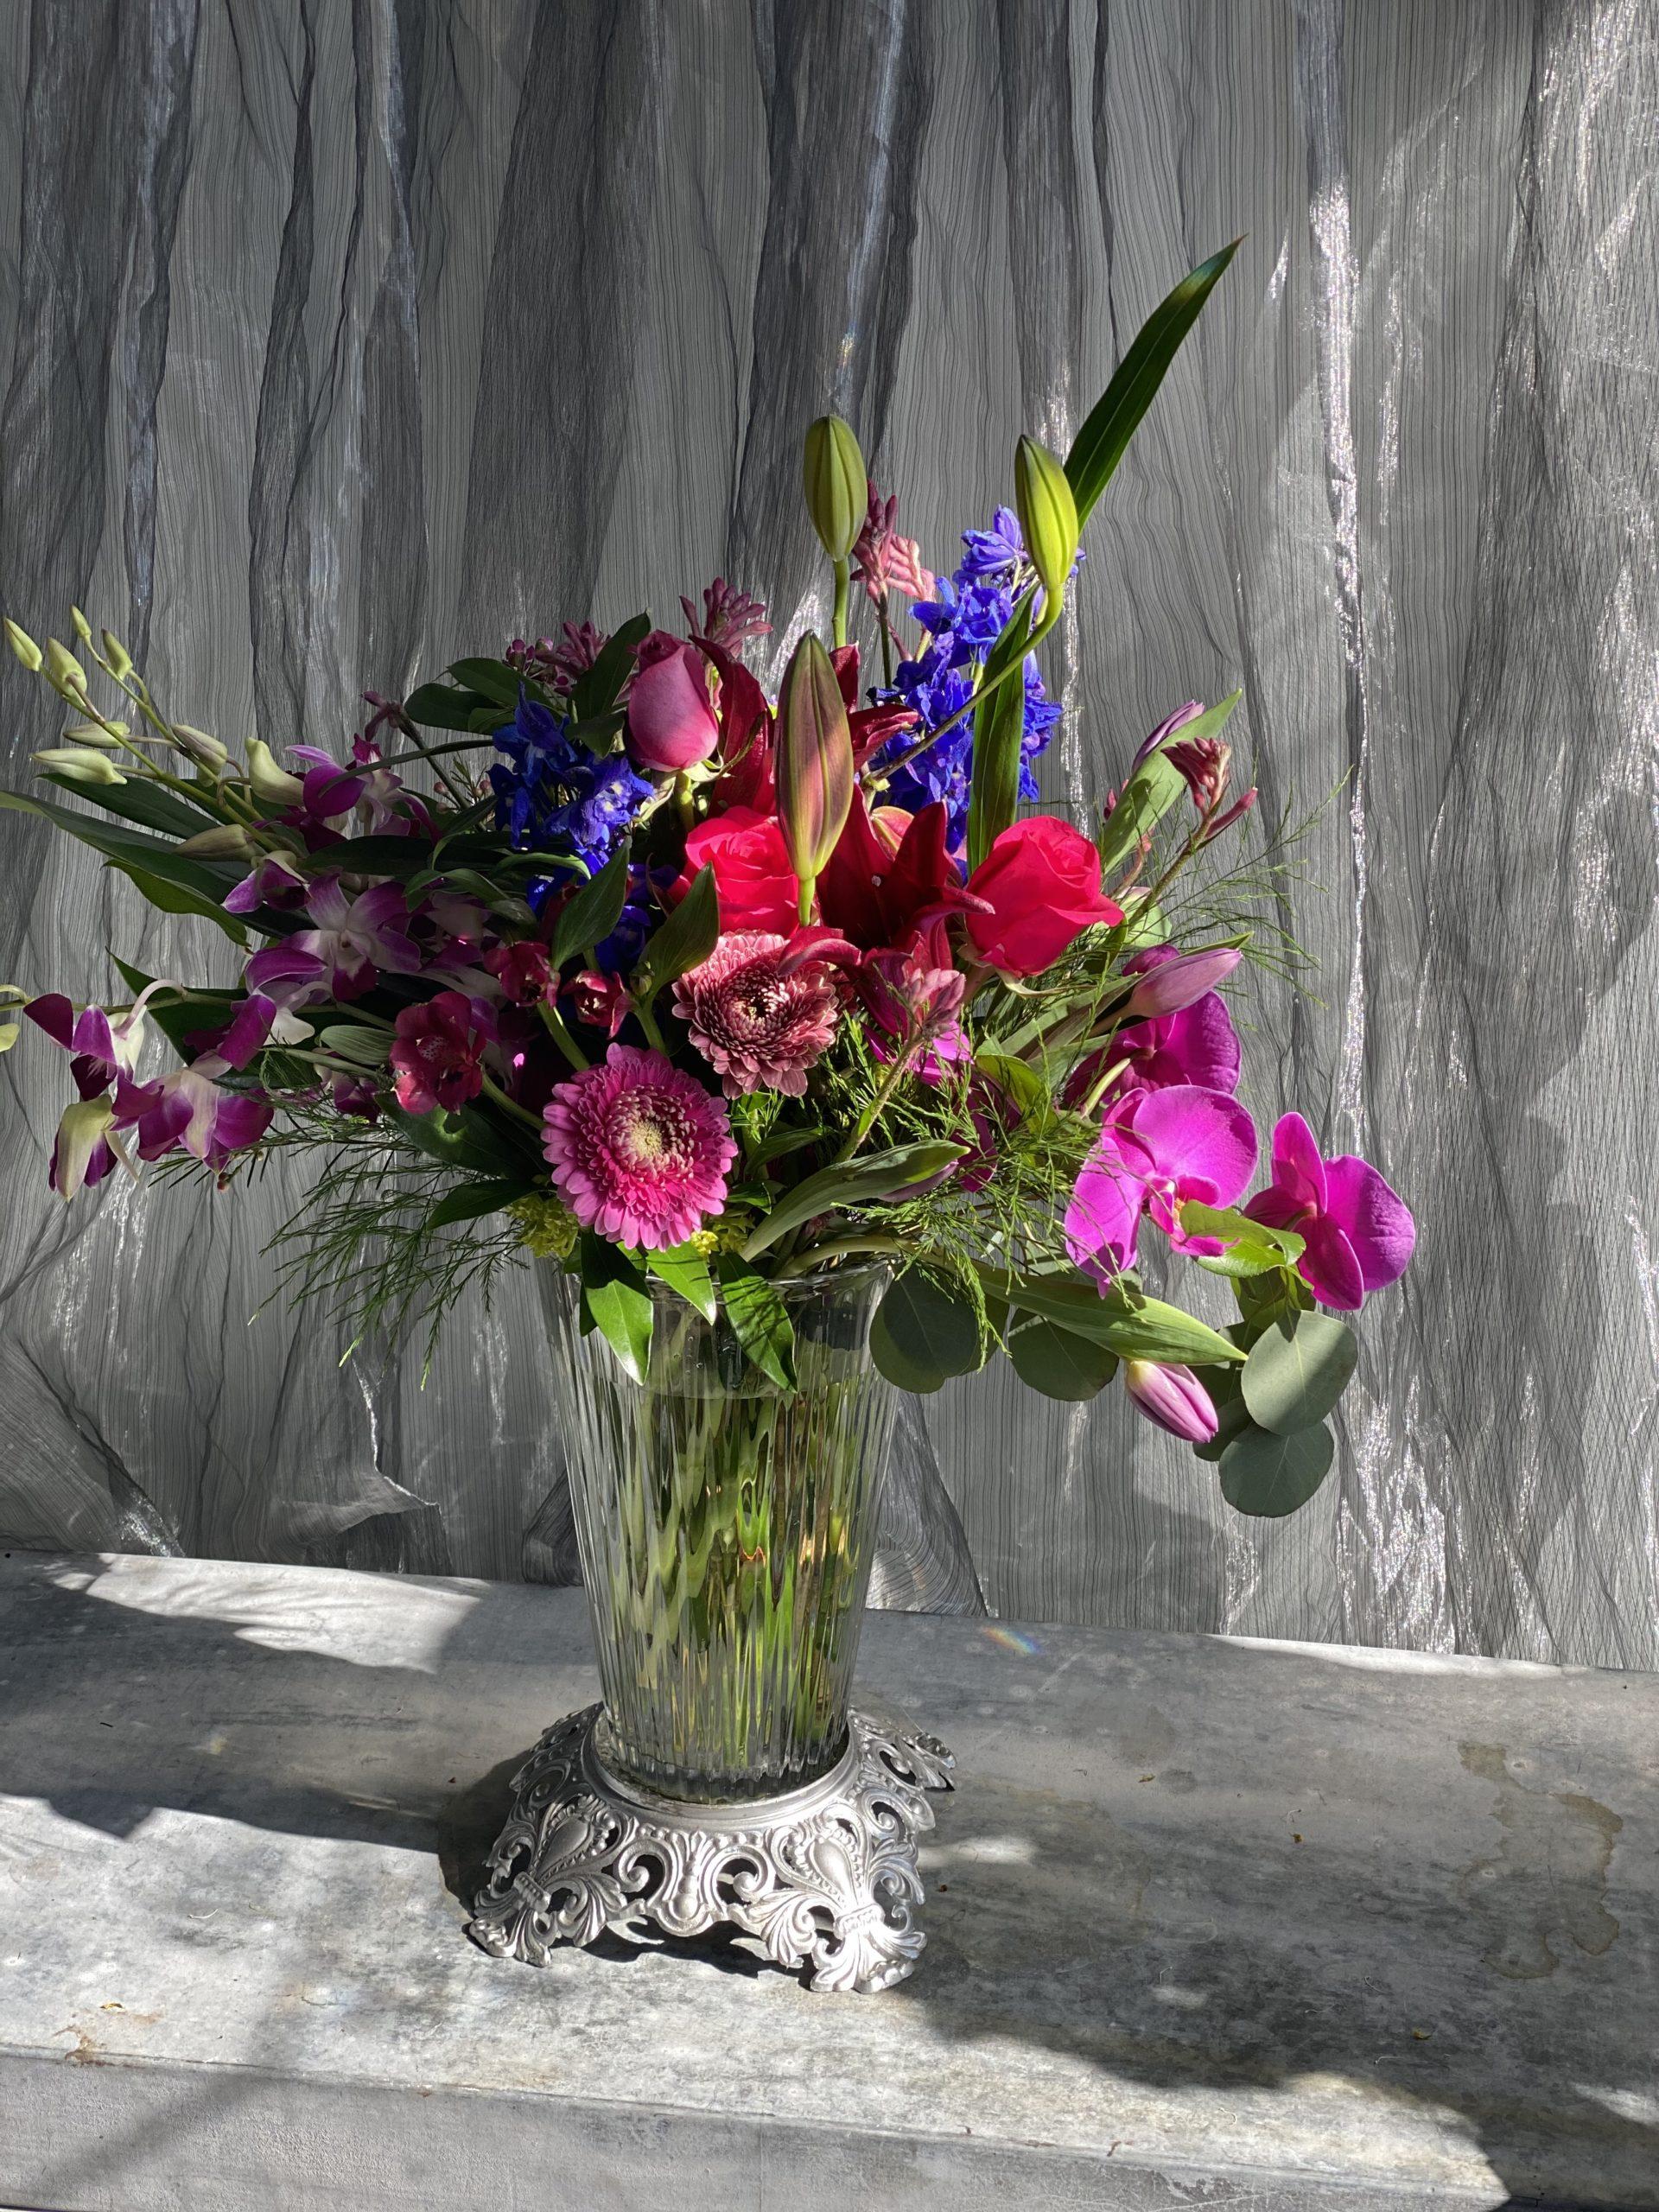 Example of 150.00 arrangement